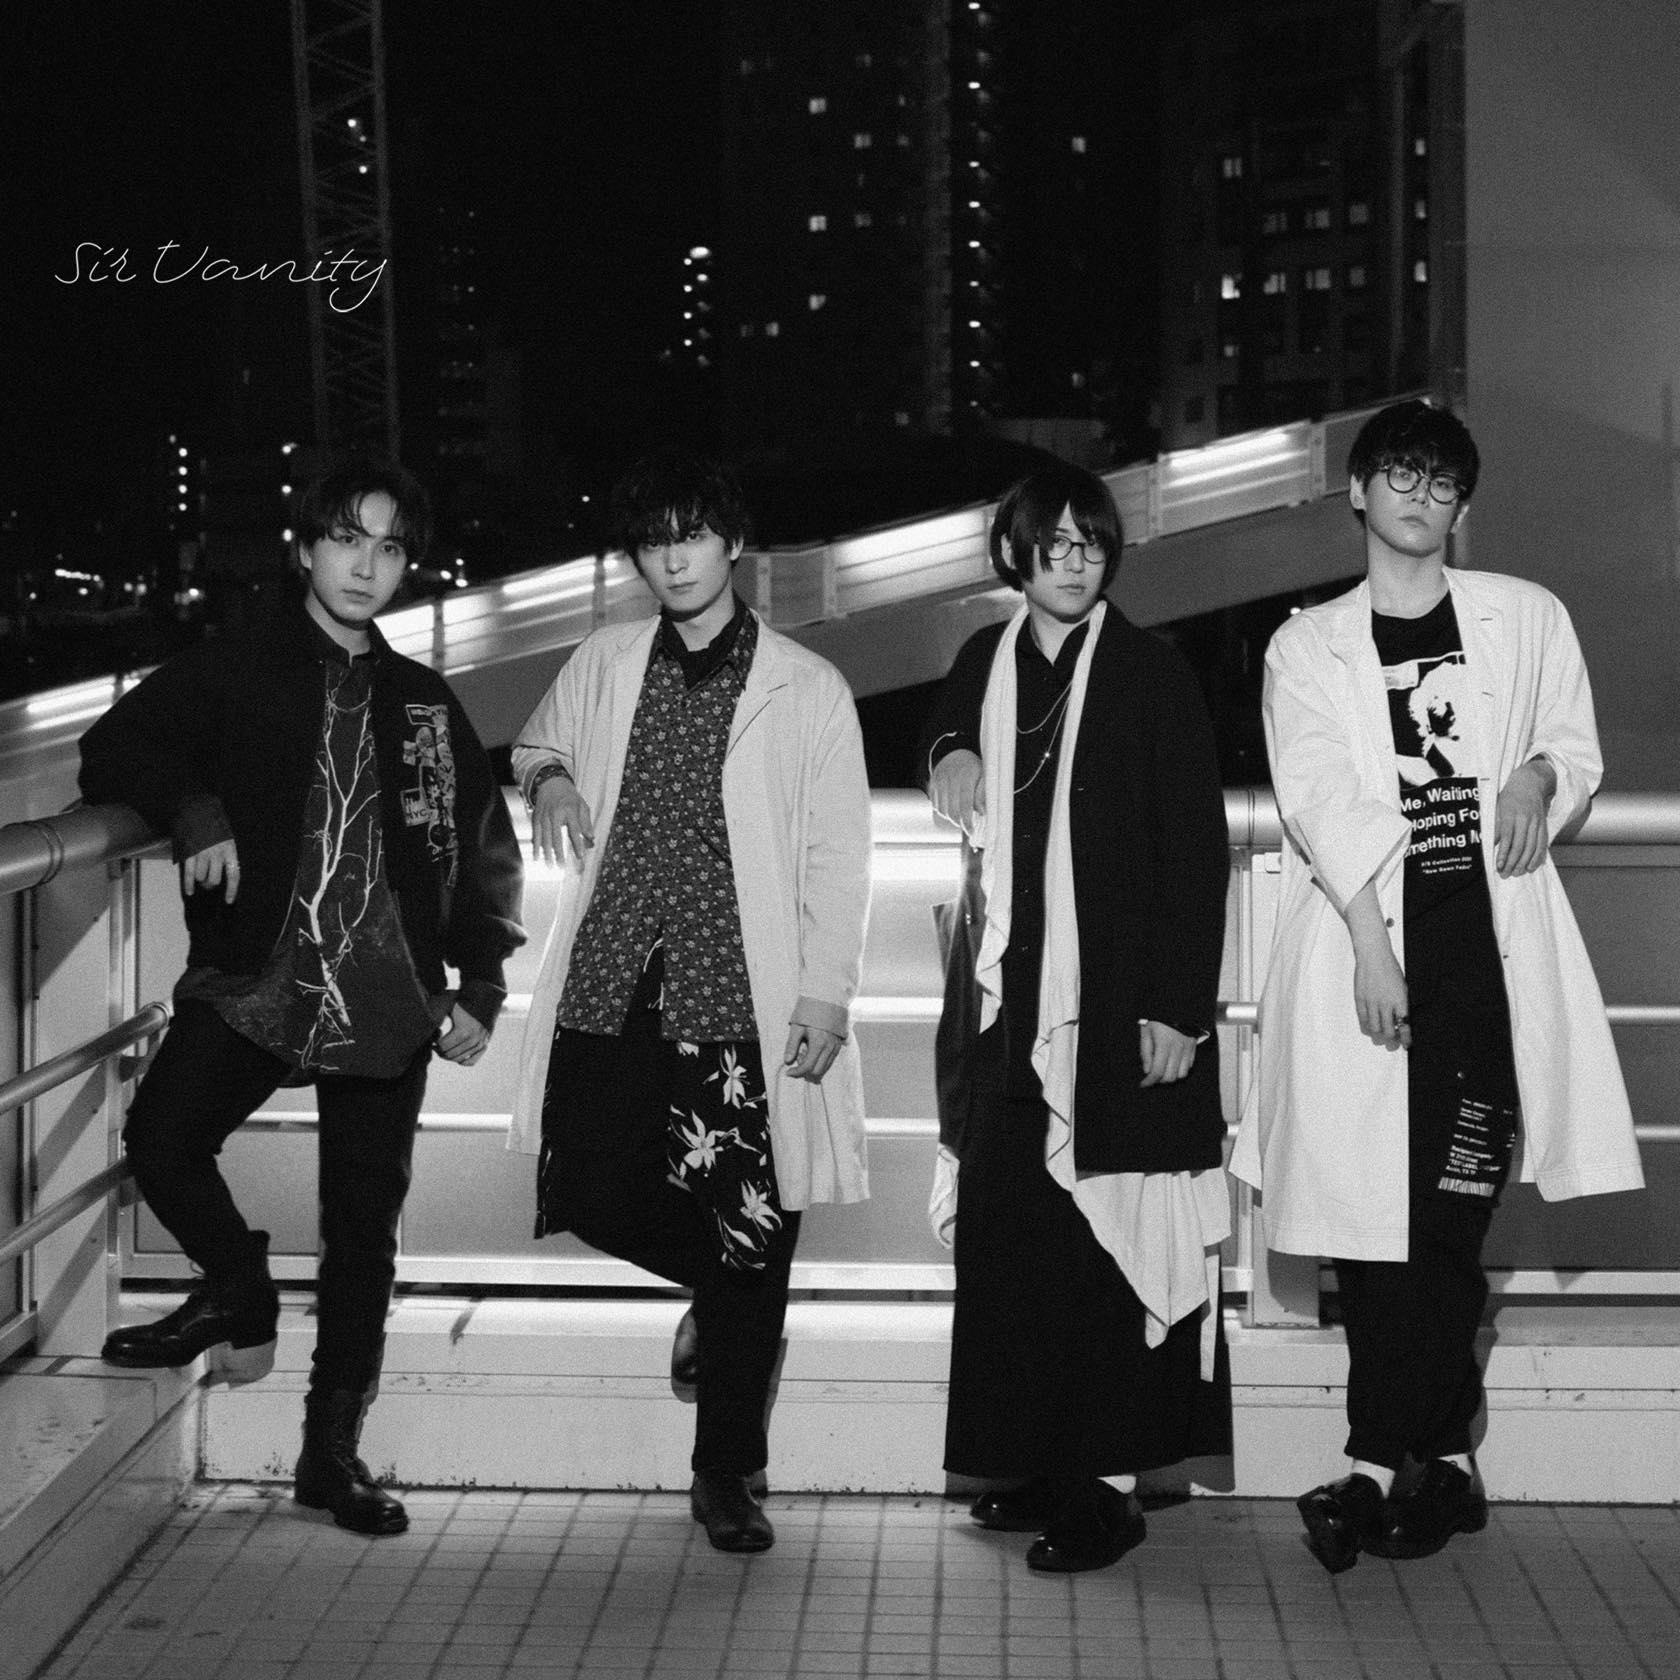 梅原裕一郎さん&中島ヨシキさんが参加するバンド「Sir Vanity」初の配信シングルリリース!